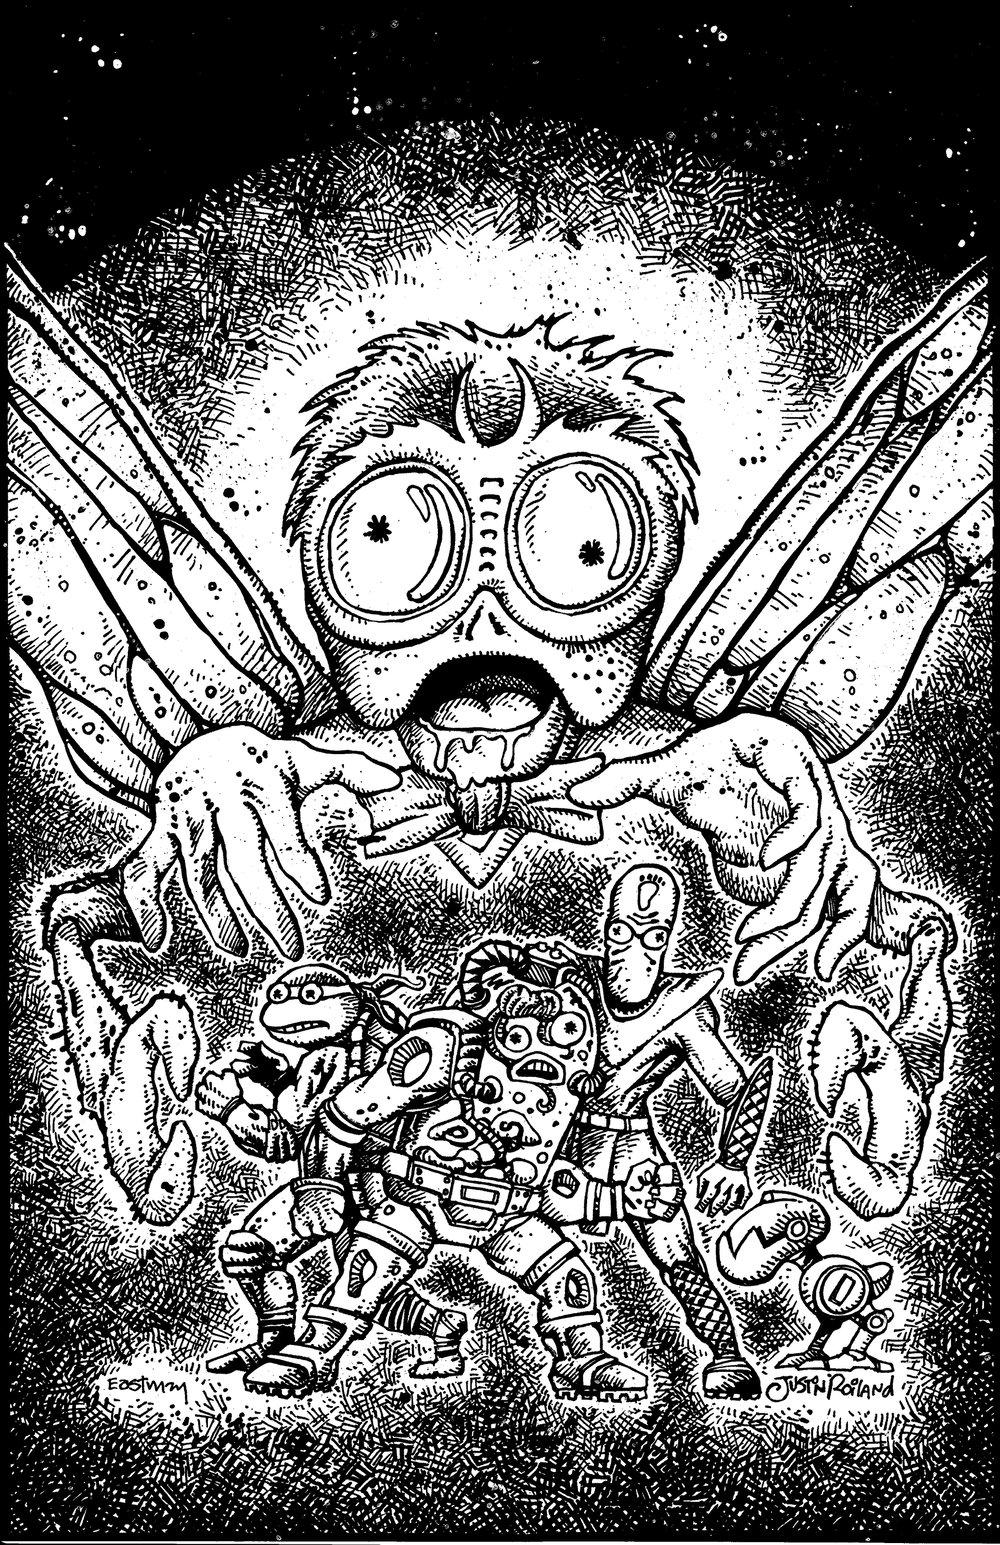 Teenage Mutant Ninja Turtles: The Last Ronin #3 - Variant - 2 Pack